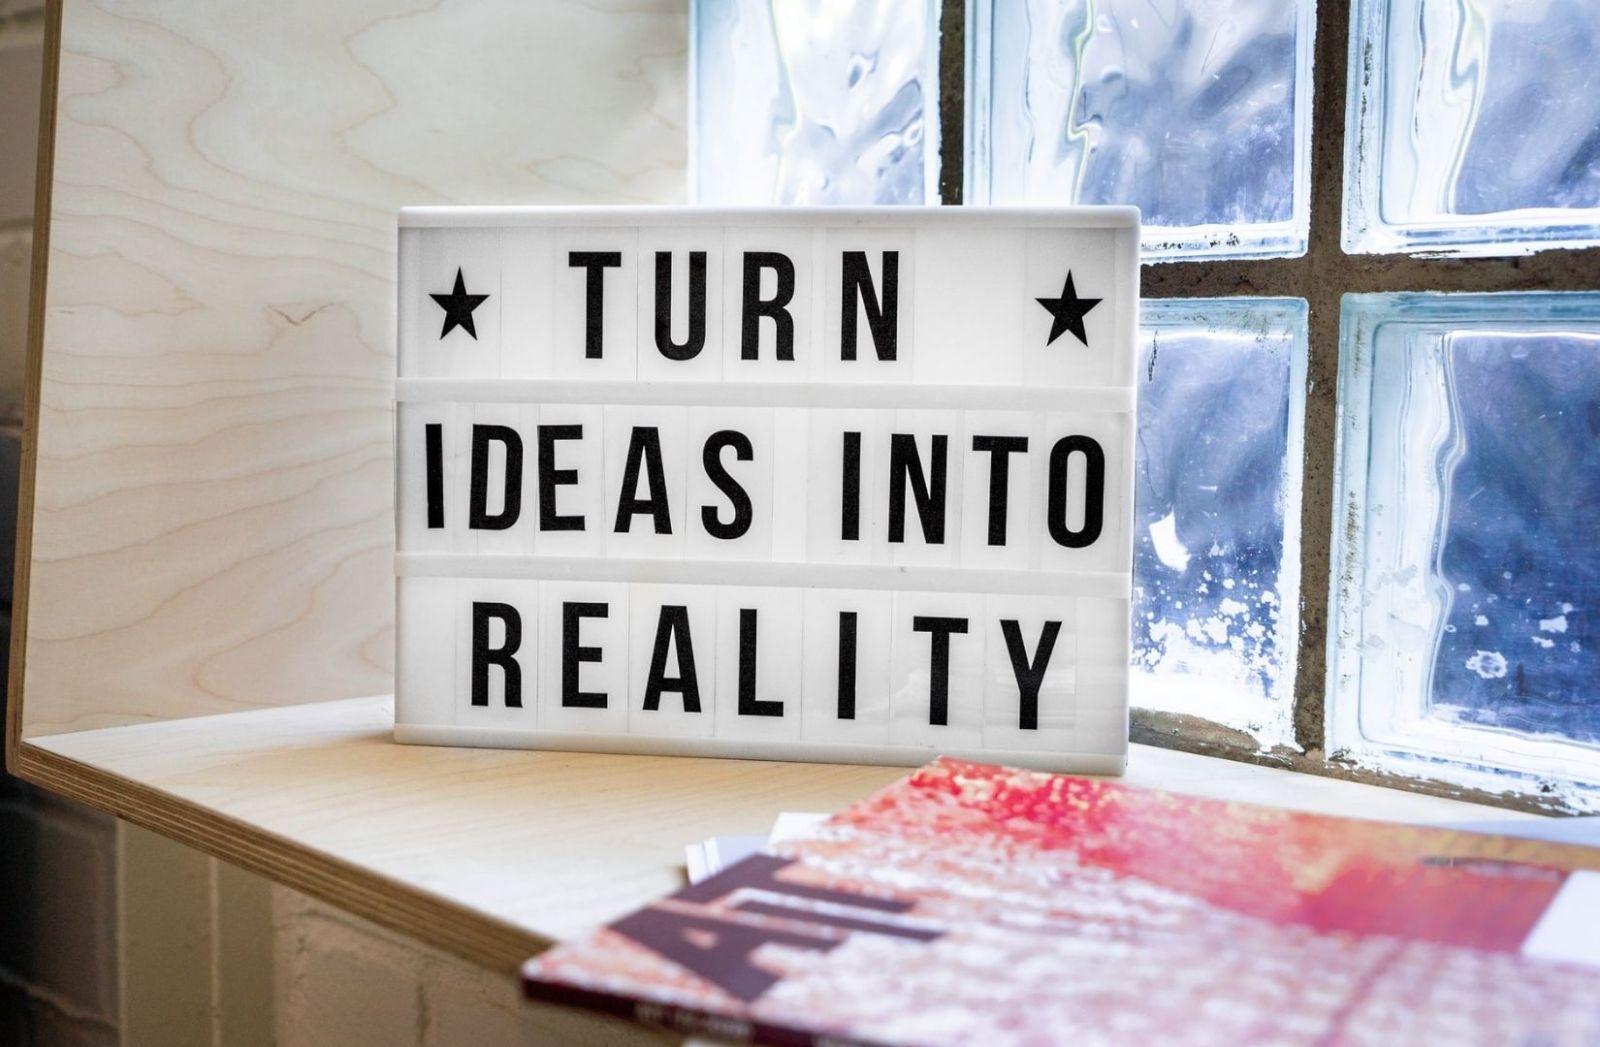 Ideen aus der Phantasie in Realität überführen. (Foto: Mika Baumeister, Unsplash.com)